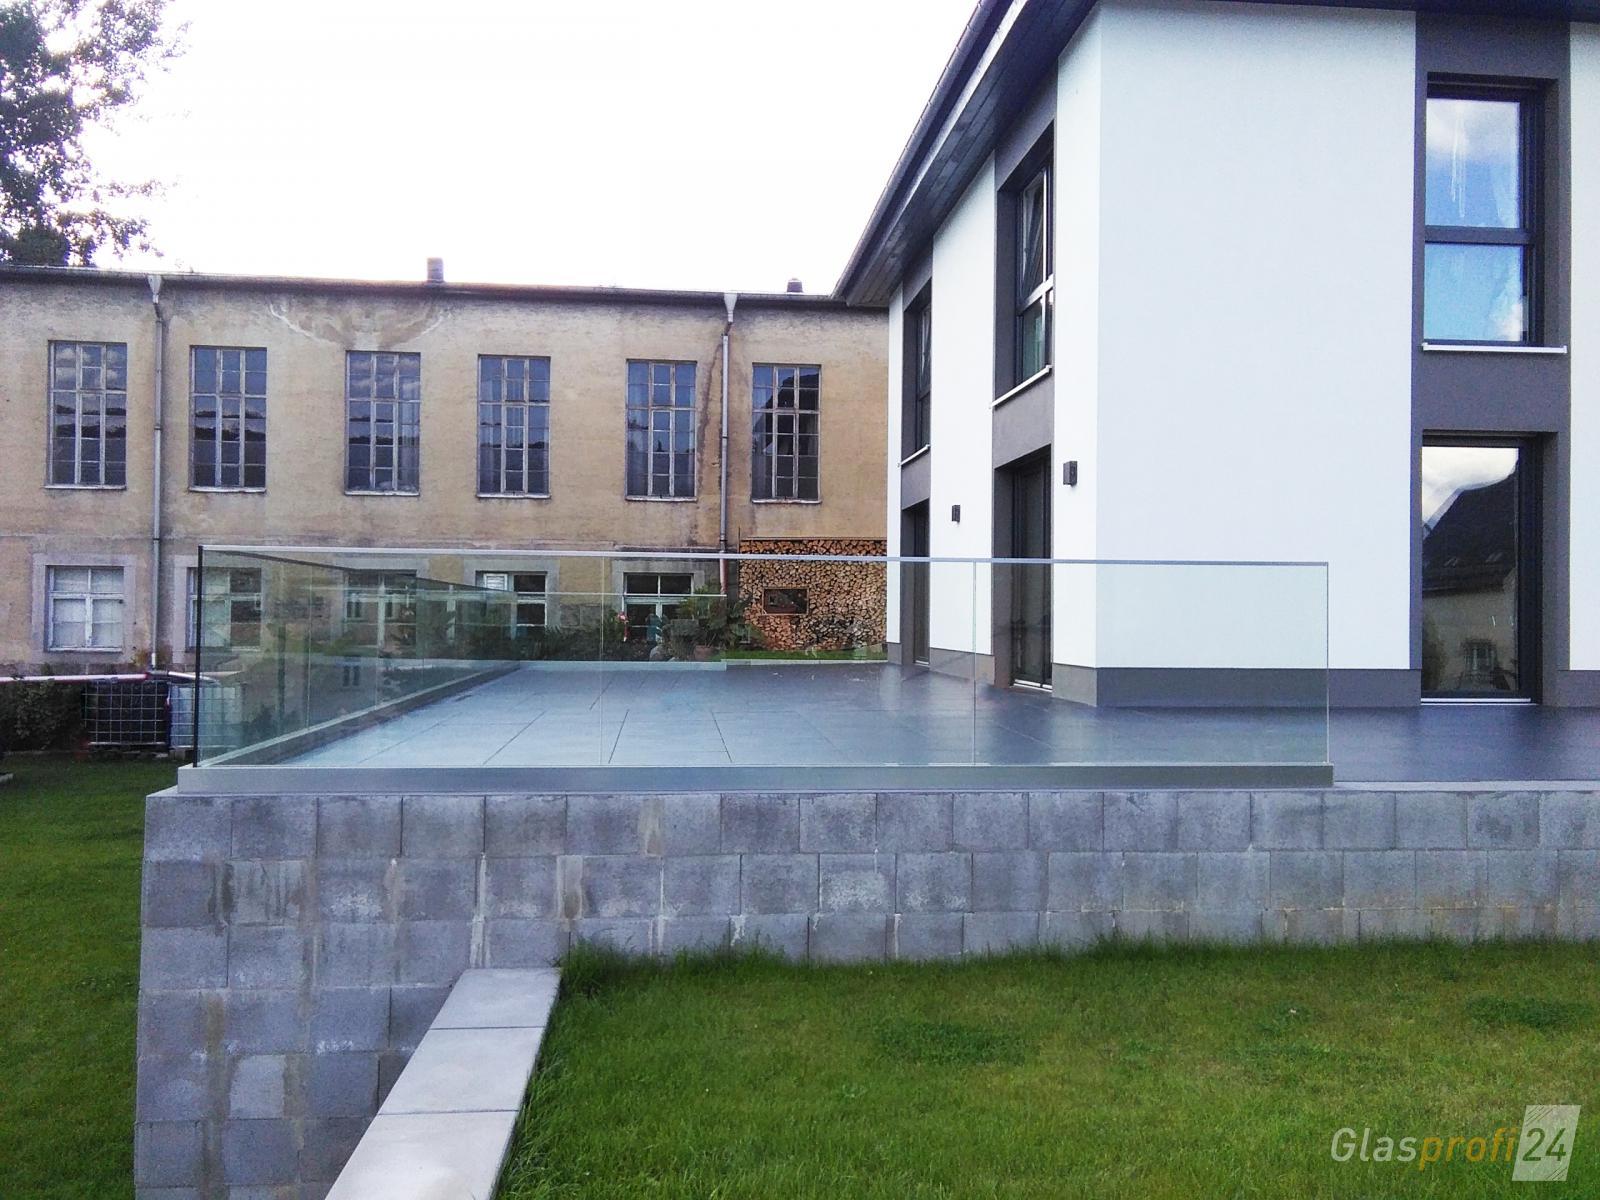 Absturzsicherung Geländer glasgeländer für balkon und dachterrasse glasprofi24